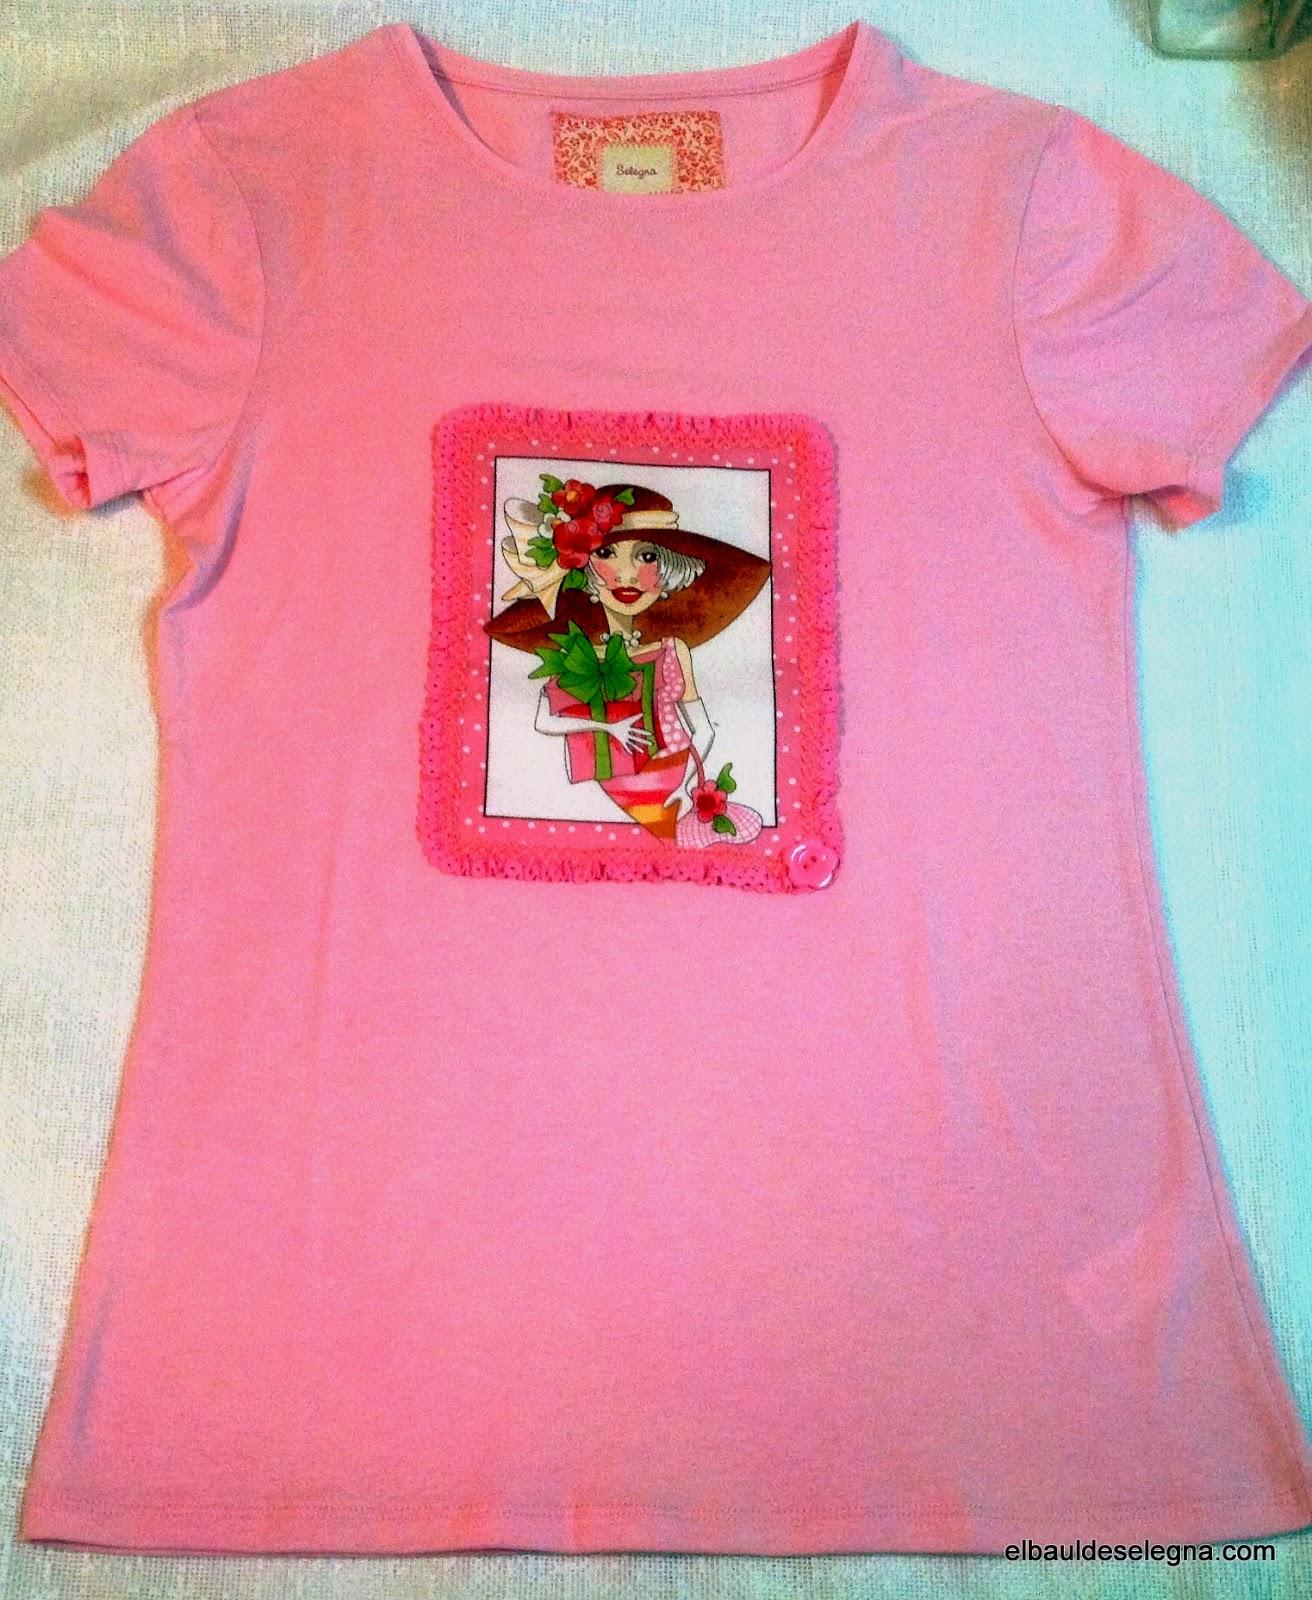 Camiseta chica loca 06